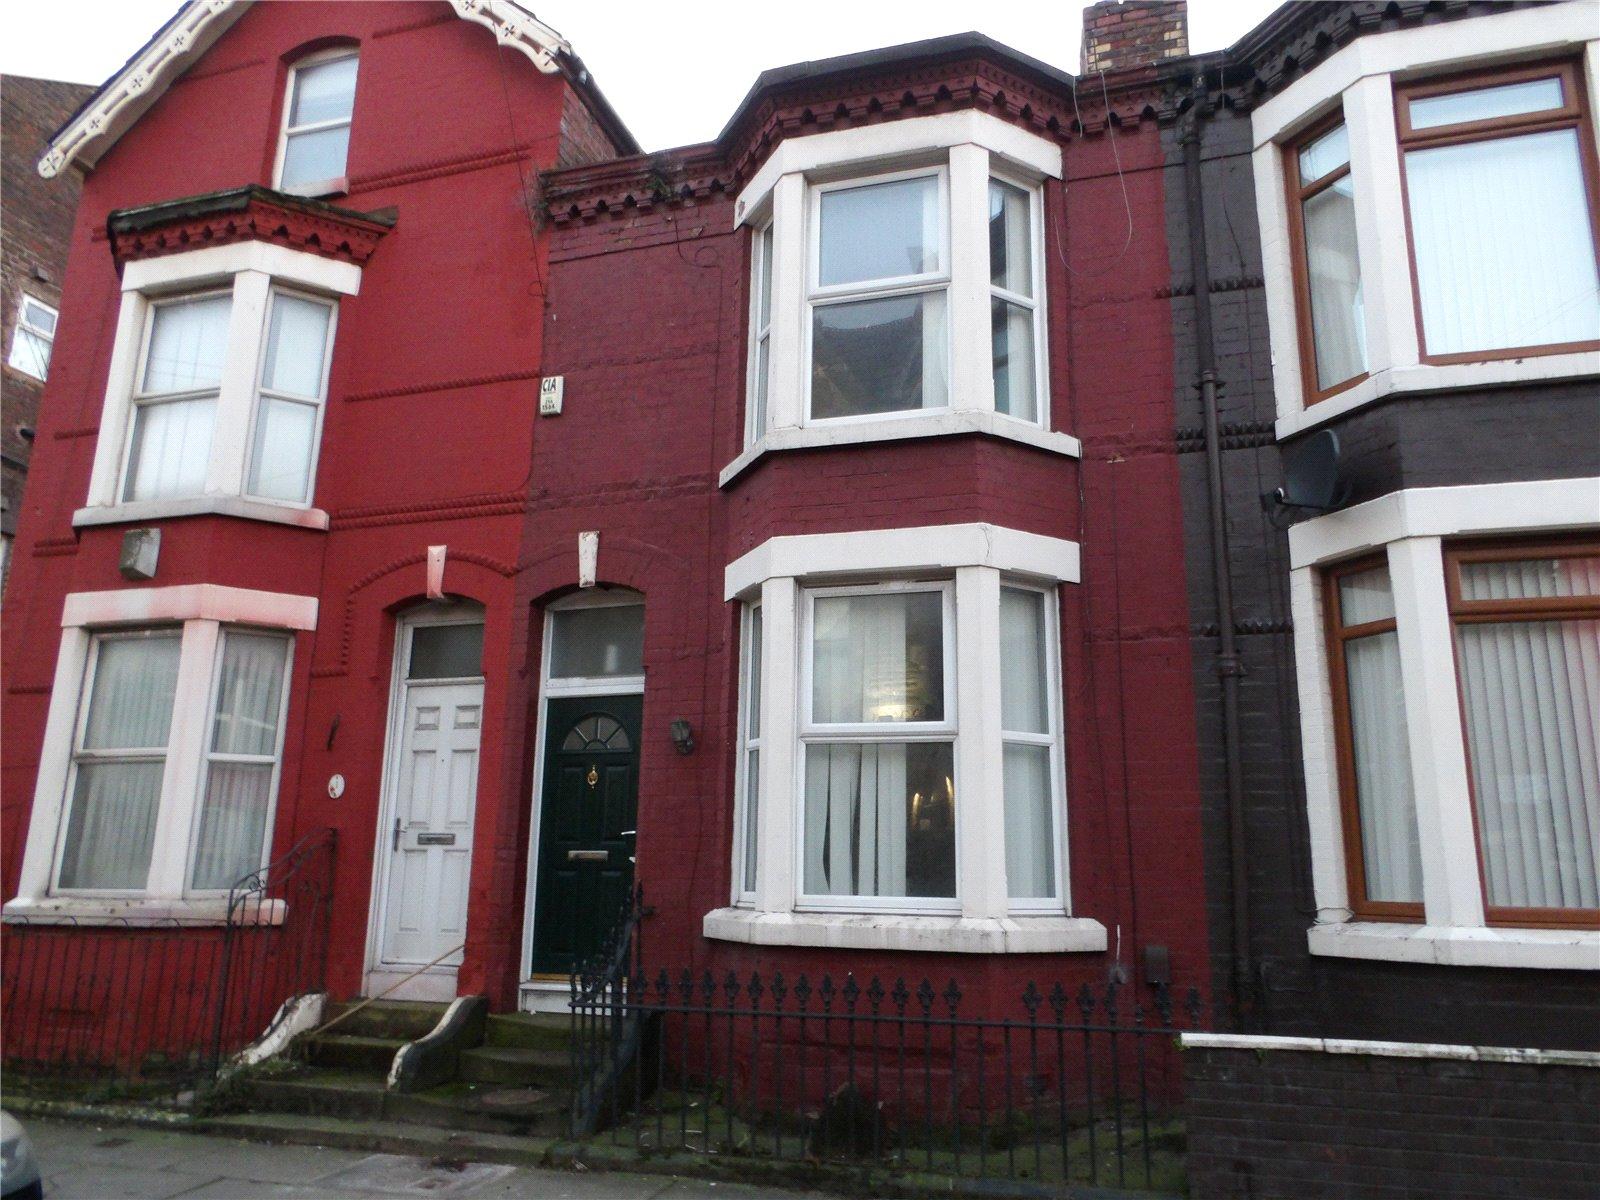 Weldon Street, Liverpool, L4 5QA